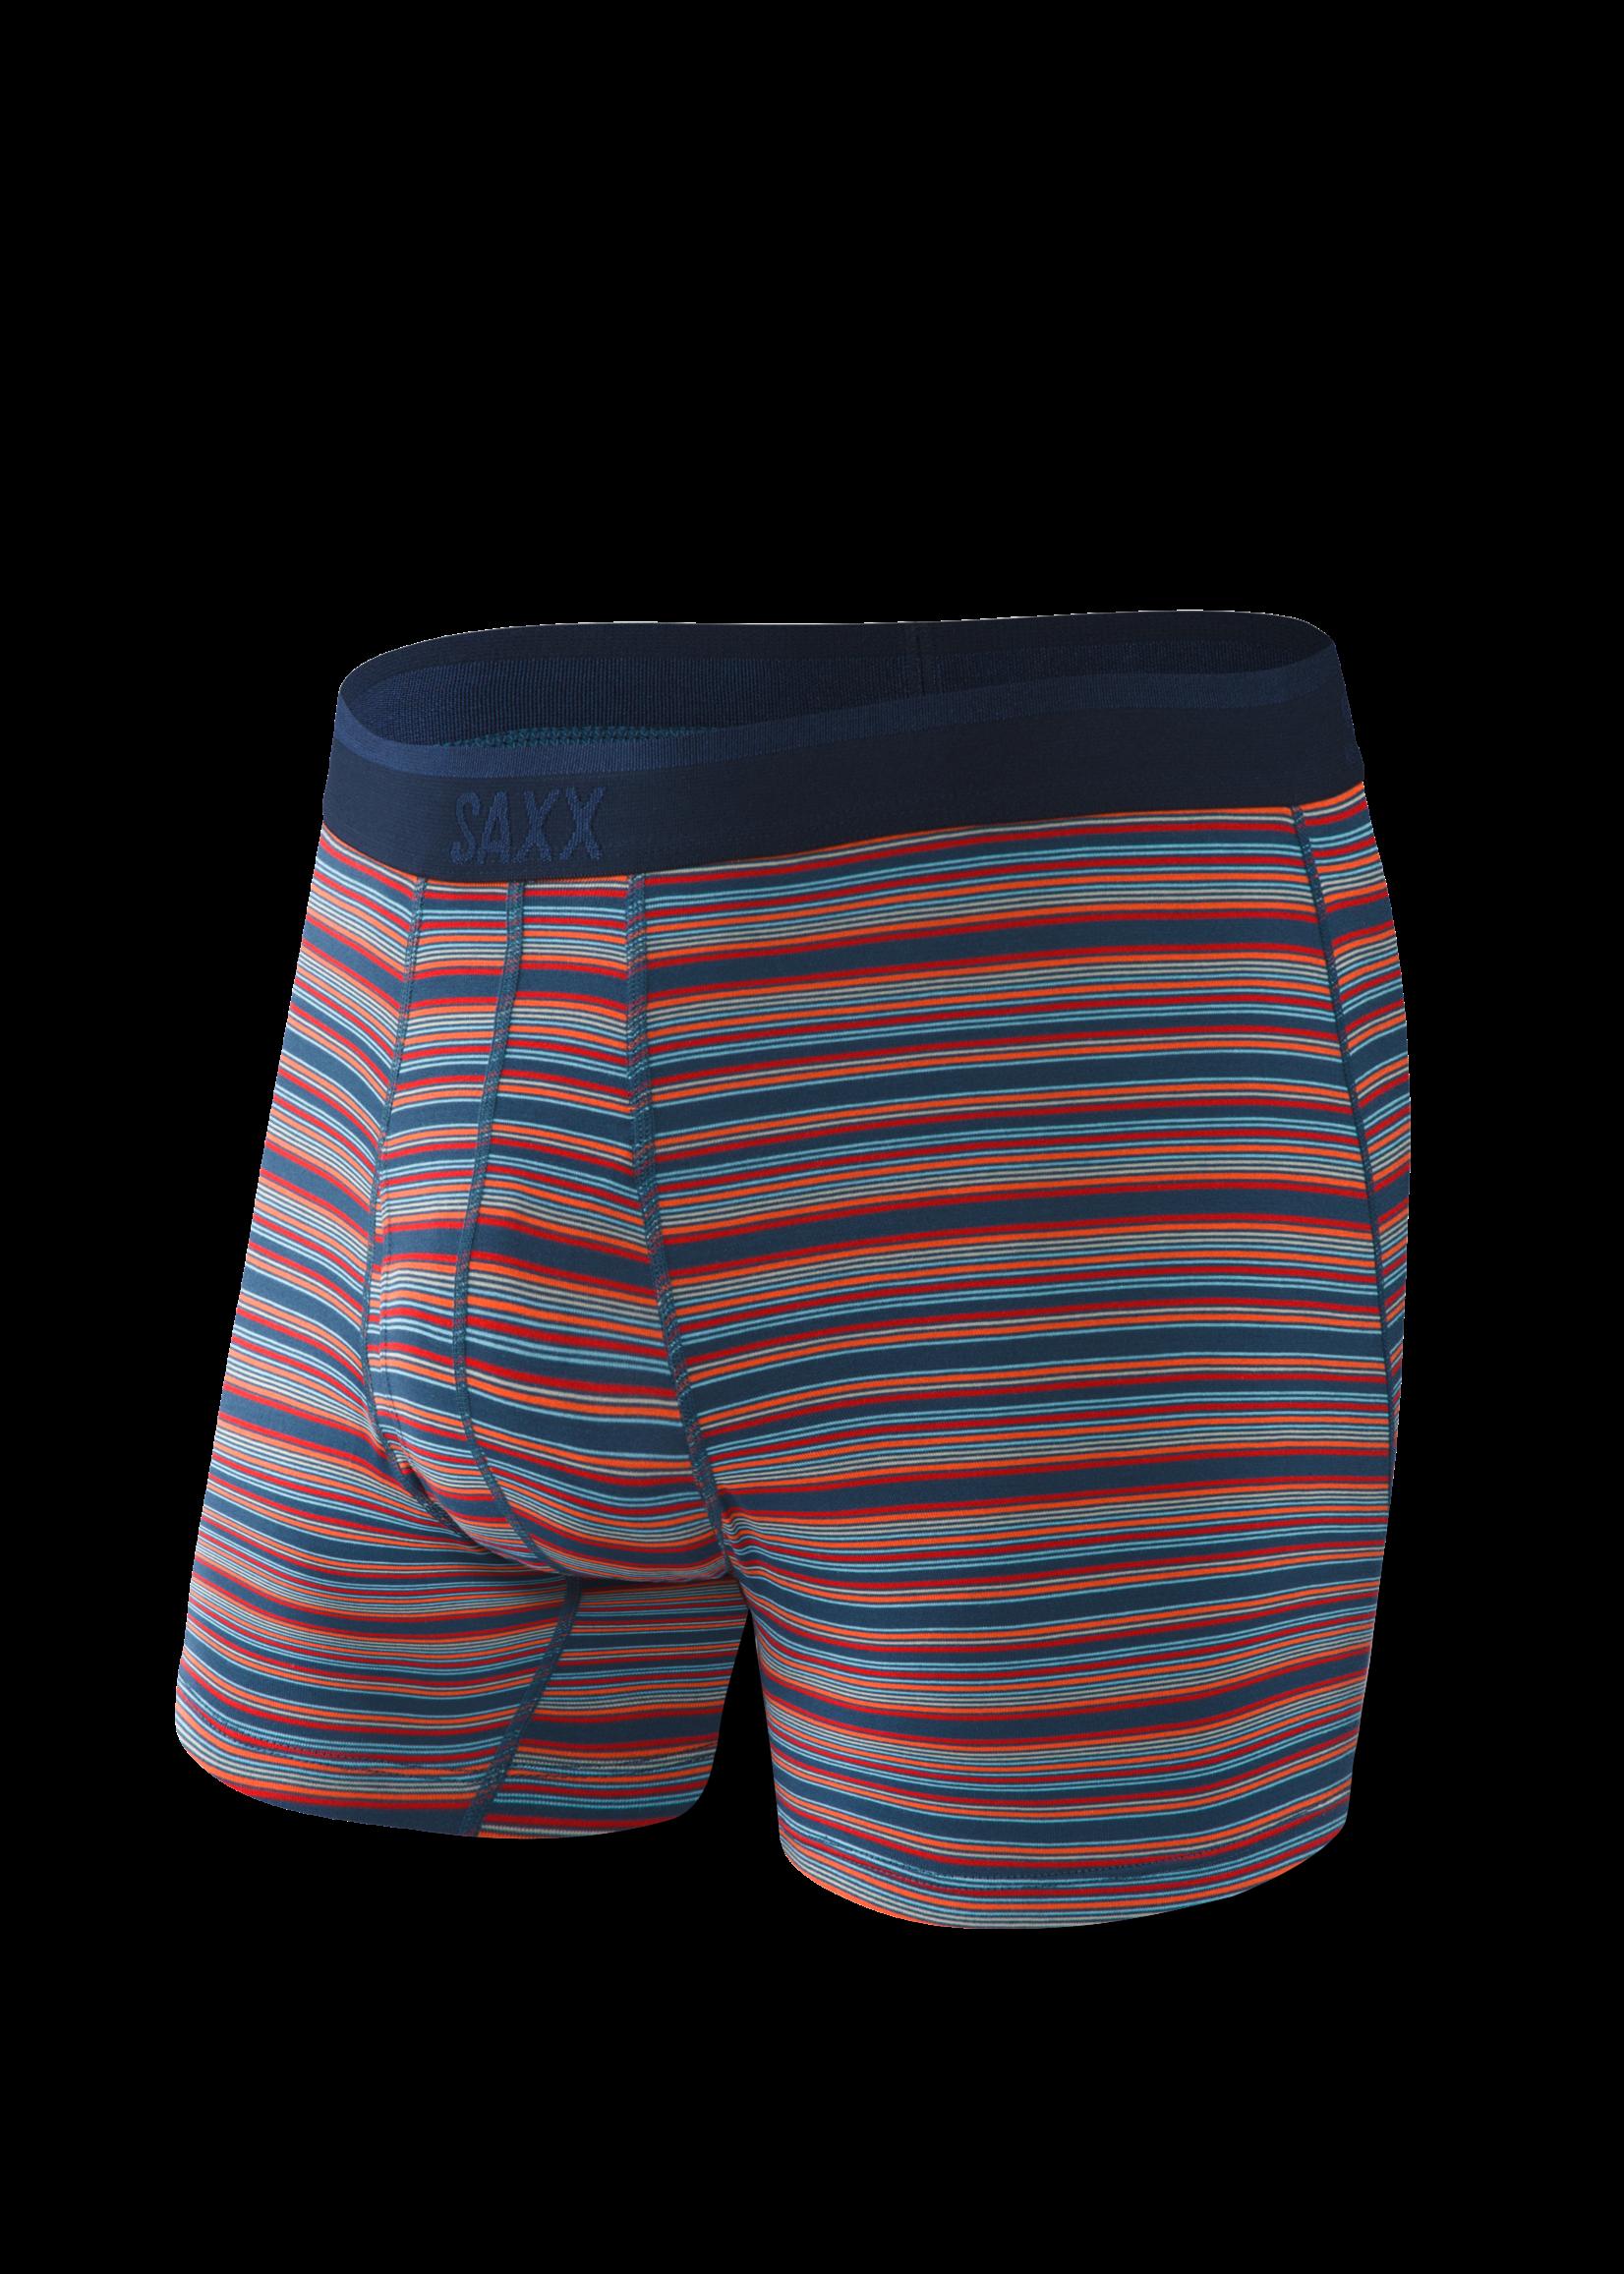 """SAXX SAXX's """"Blue Mirage Stripe"""" Platinum Boxer Brief"""